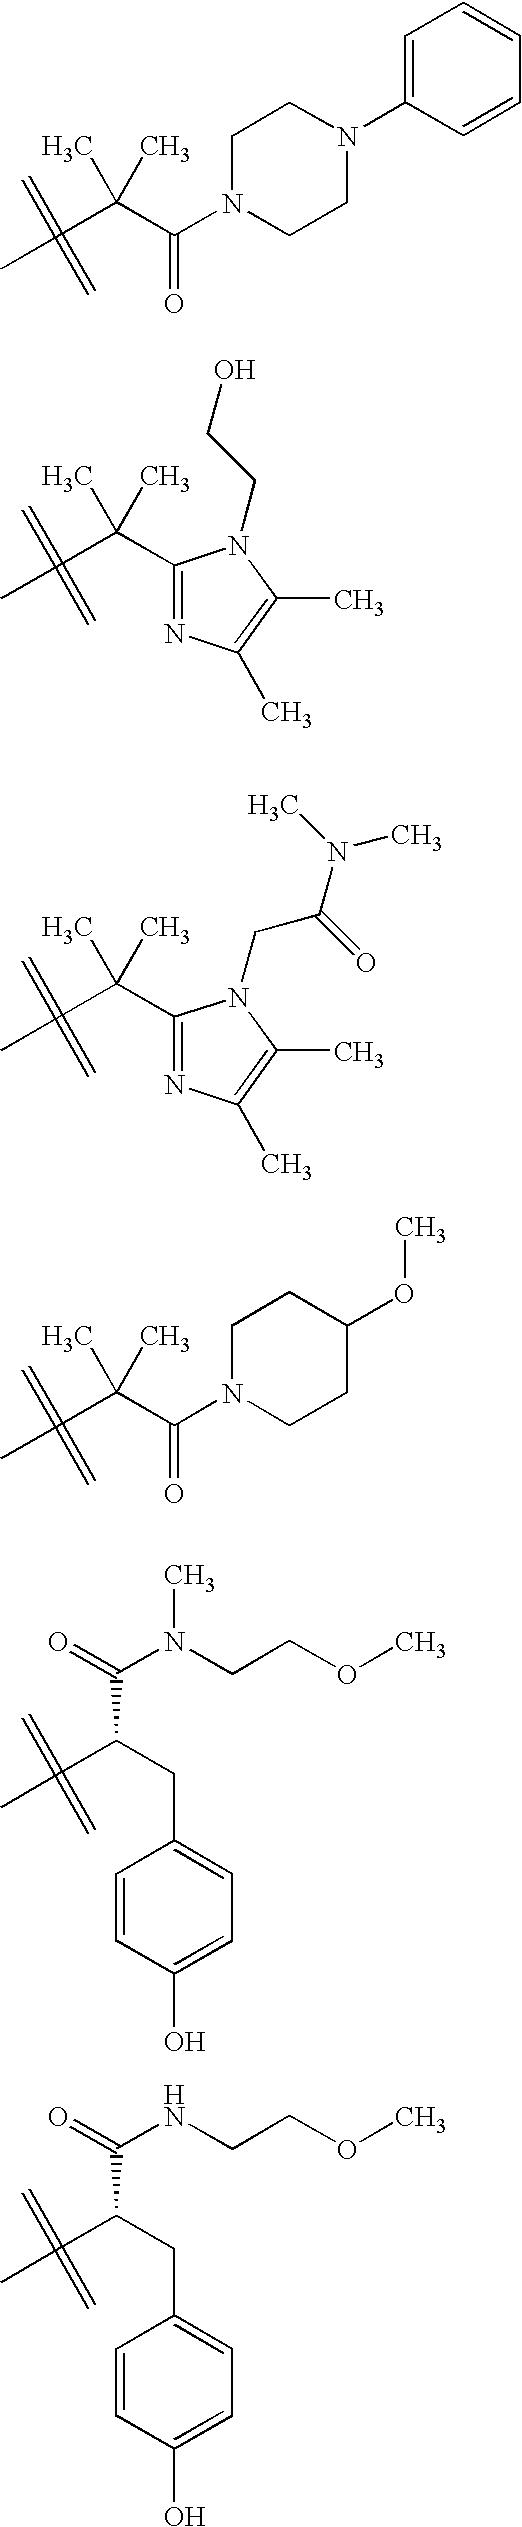 Figure US20070049593A1-20070301-C00181